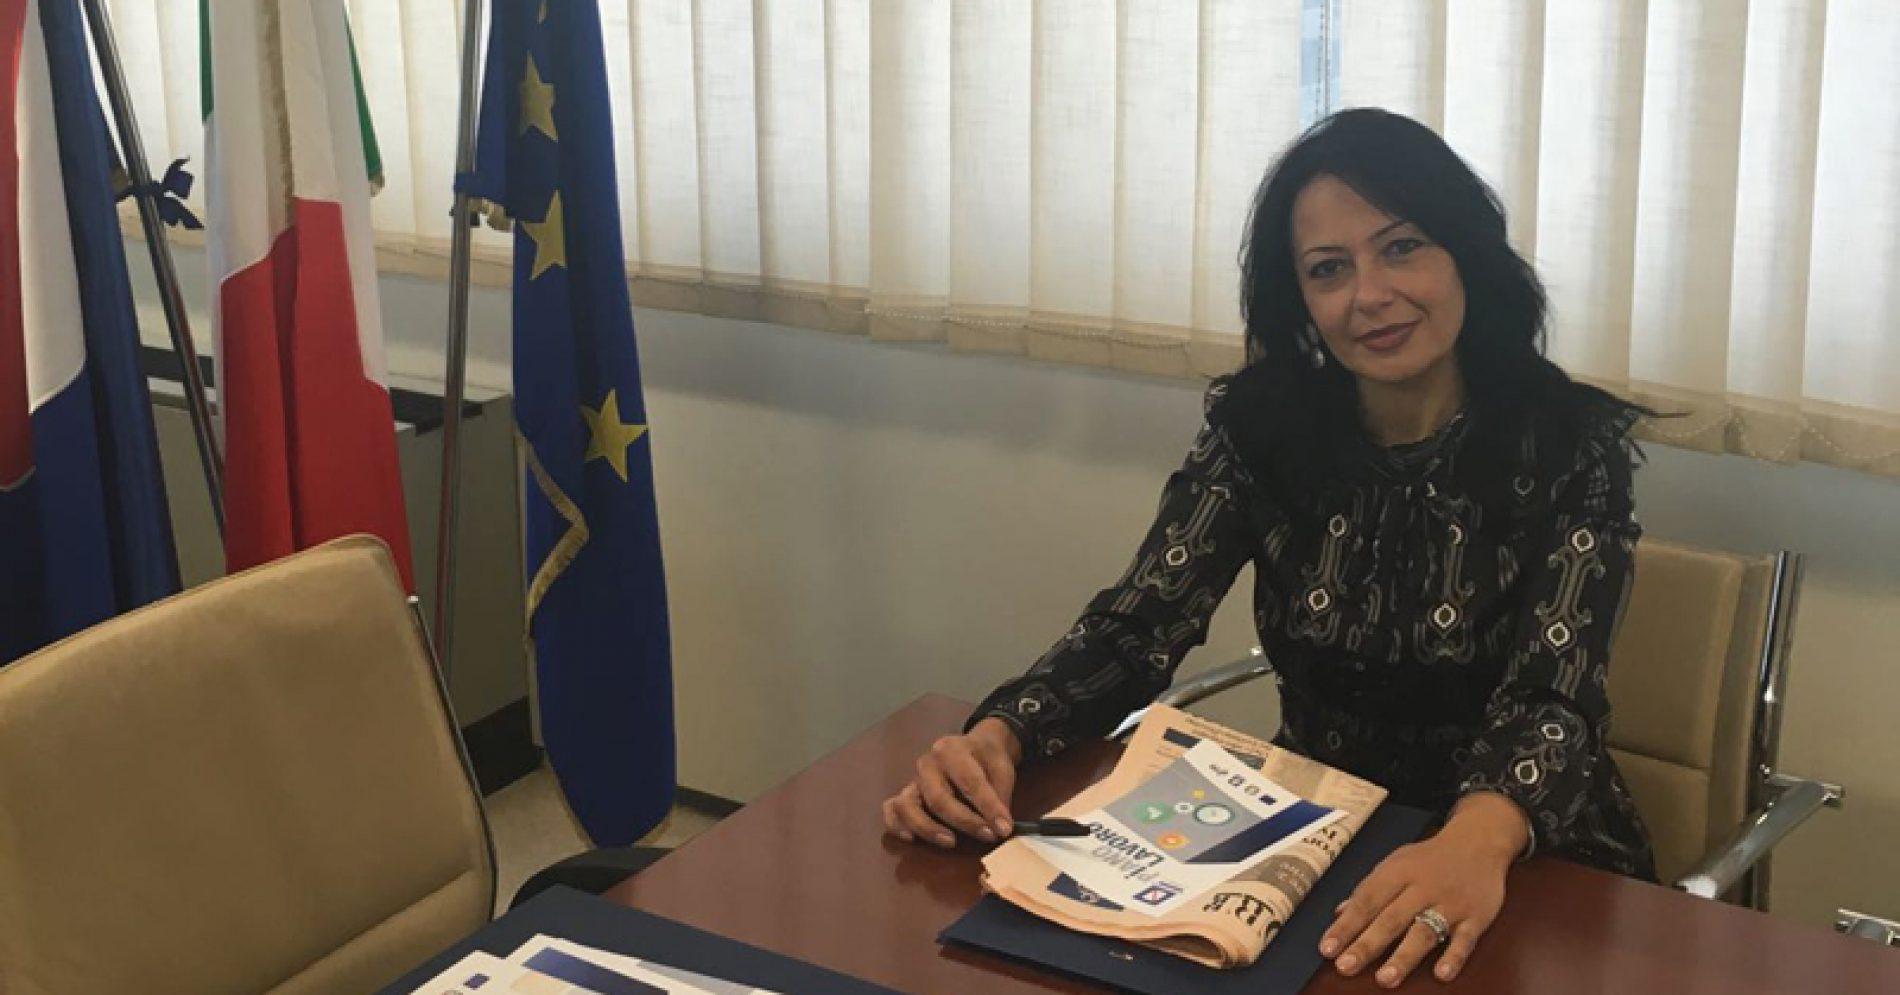 Approvato il nuovo regolamento sui tirocini della Regione Campania